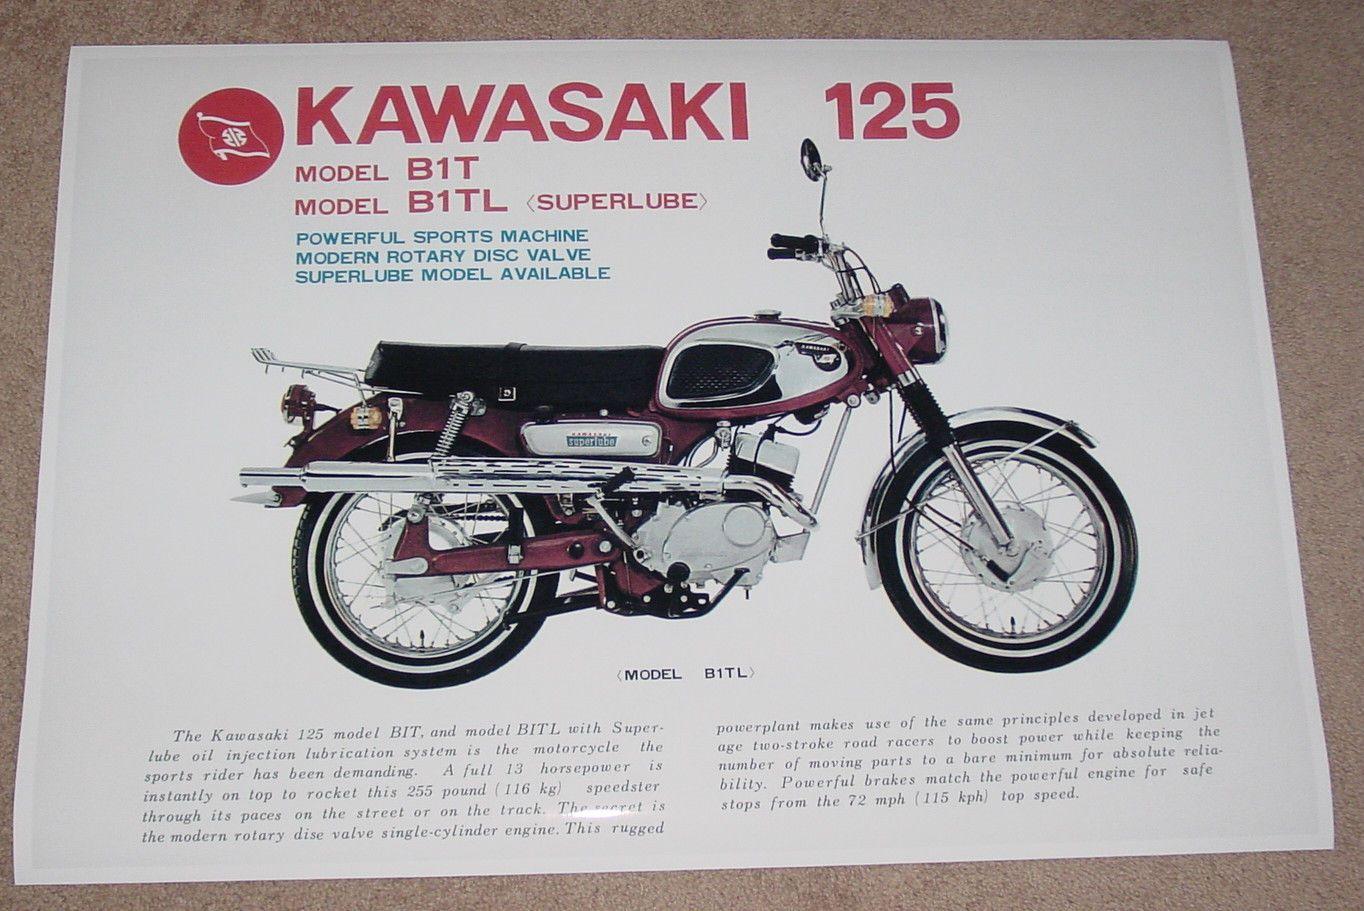 1969 Kawasaki B1tl 125 Vintage Motorcycle Ad Poster Print 24x36 9mil Paper Ebay Vintage Motorcycle Posters Kawasaki Bikes Motorcycle Posters